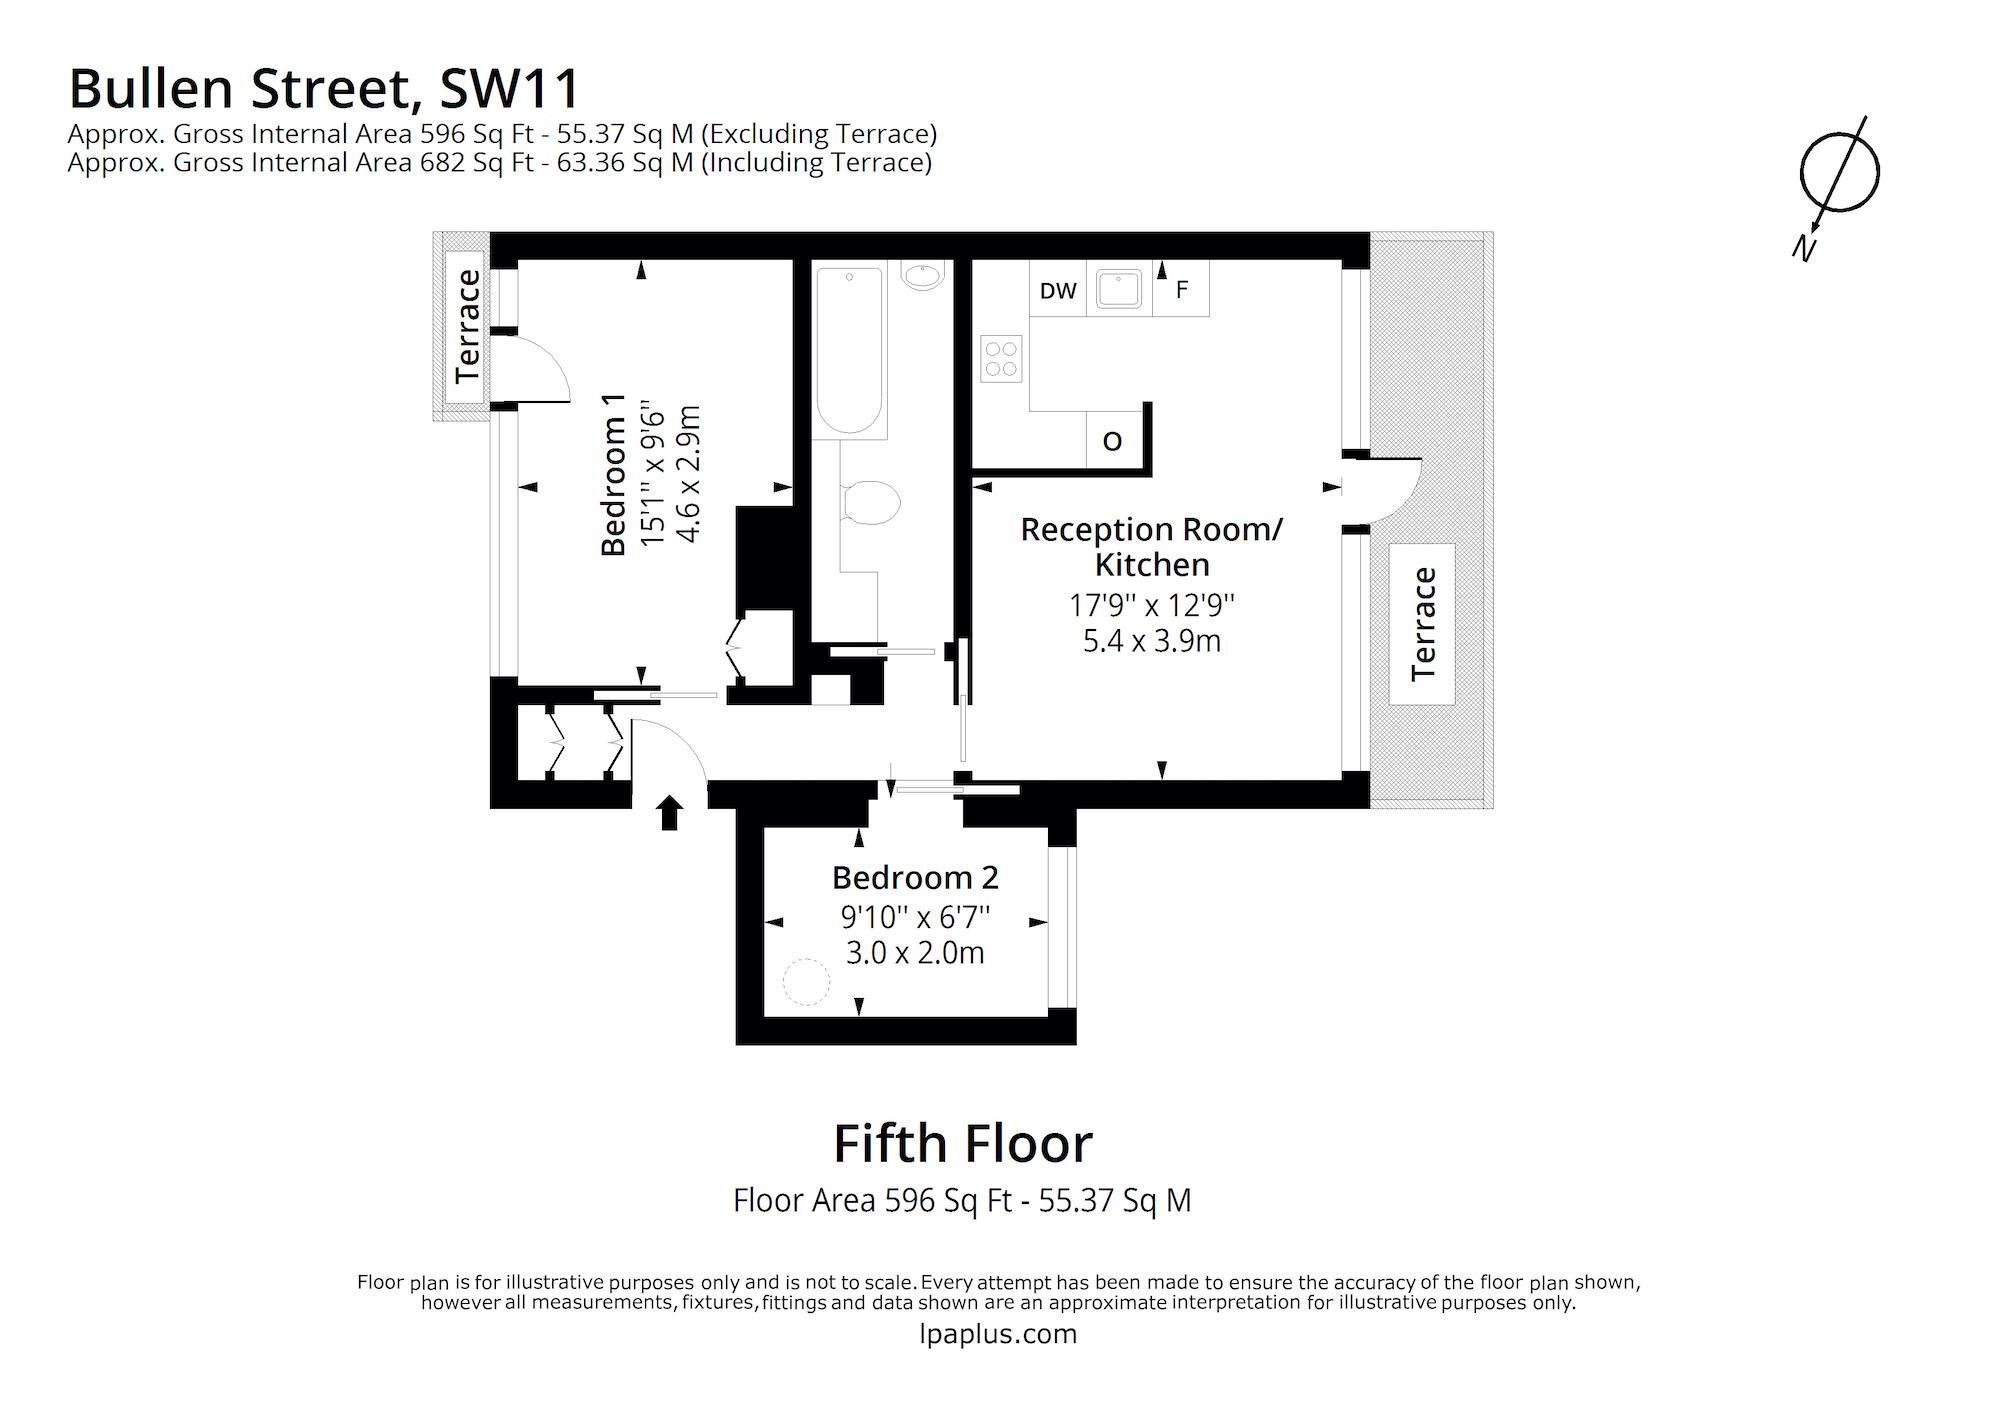 goulden house bullen street sw11 floorplan